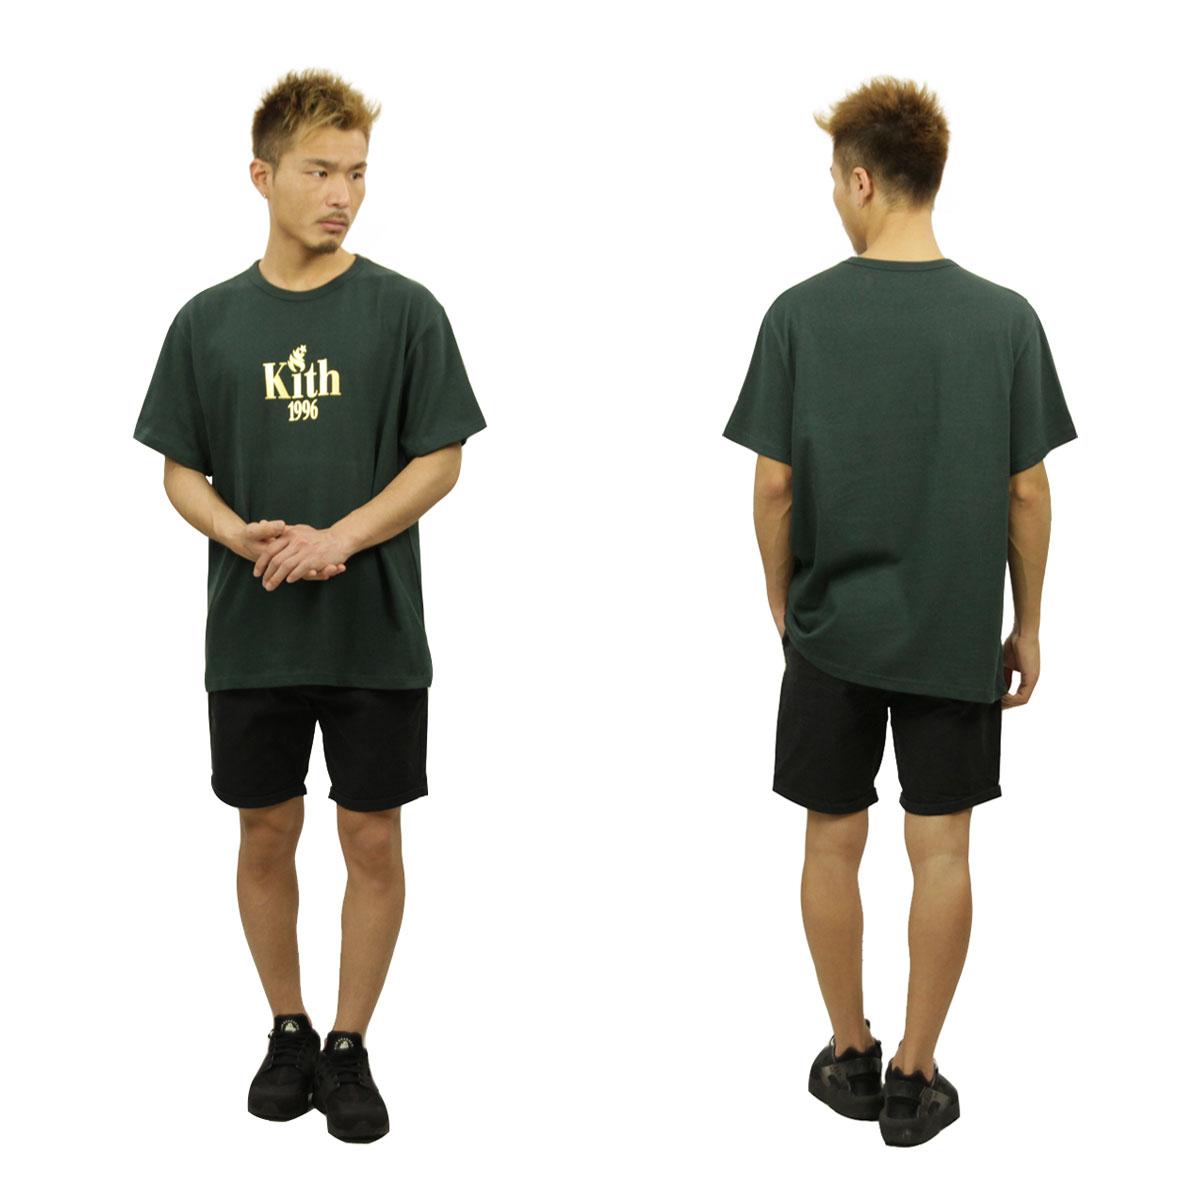 キス KITH 正規品 メンズ 半袖Tシャツ KITH 1996 TEE FOREST GREEN KH3083-106